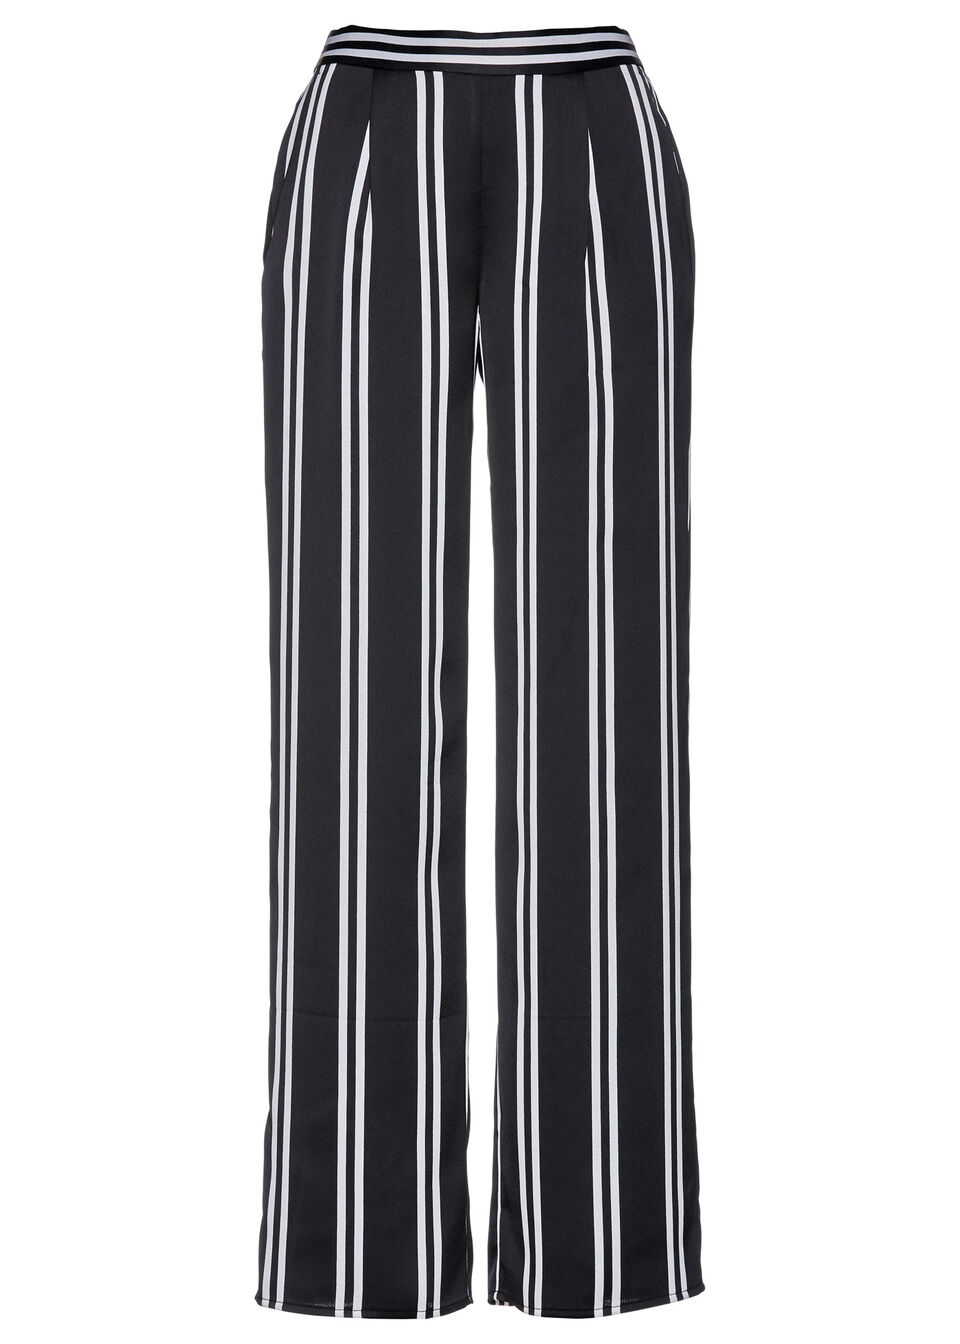 Spodnie Marlena z nadrukiem bonprix czarno-biały w paski